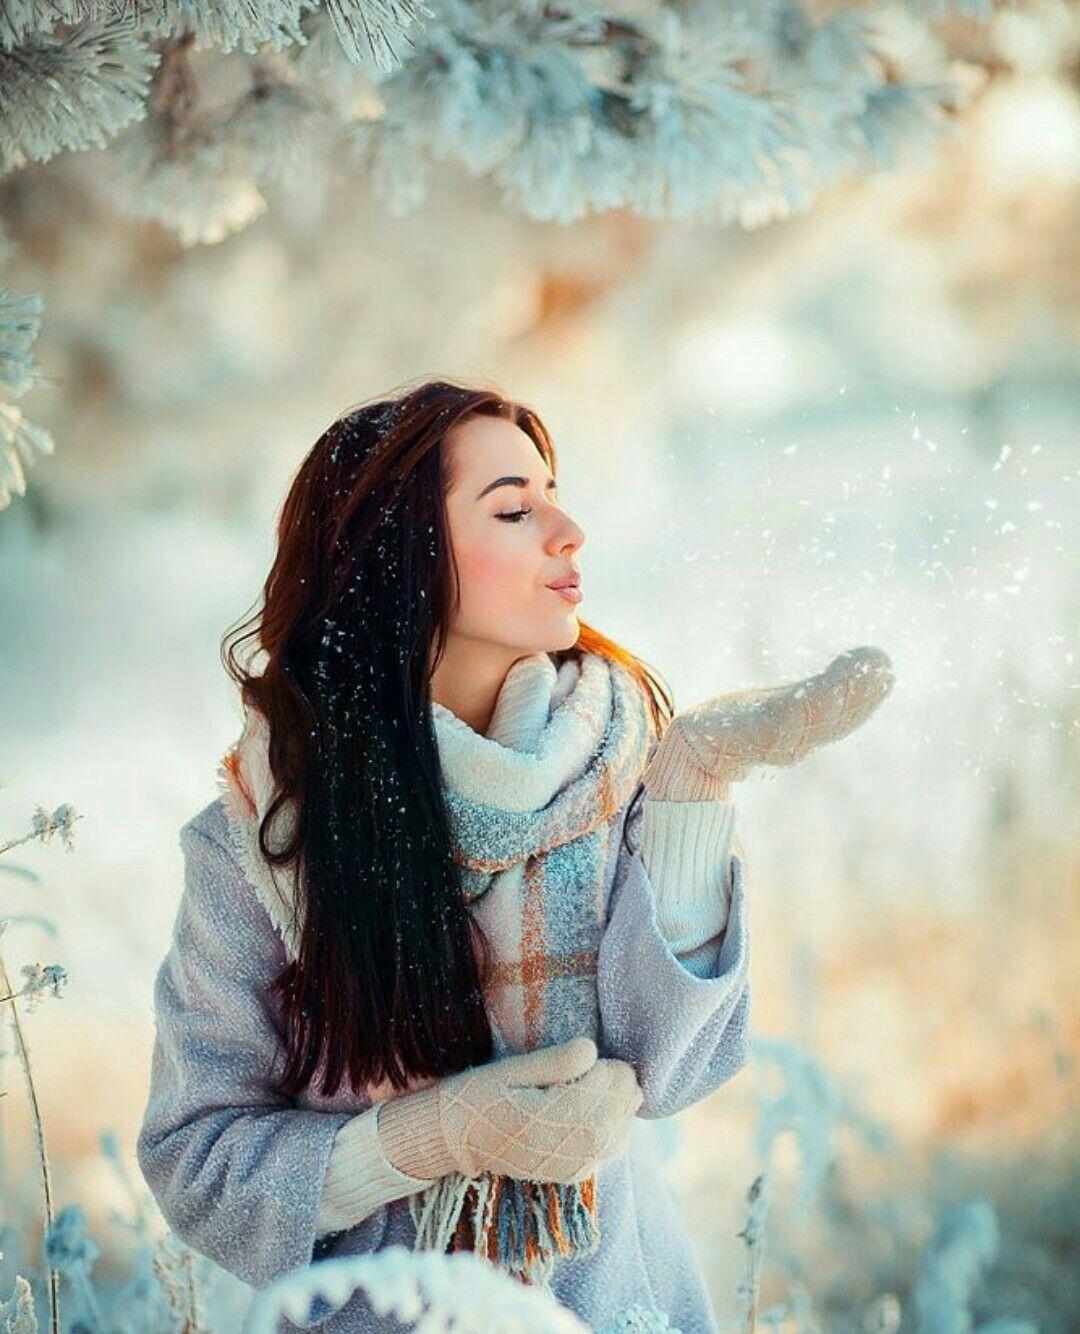 человек зимние картинки мотиваторы только, лесу находятся